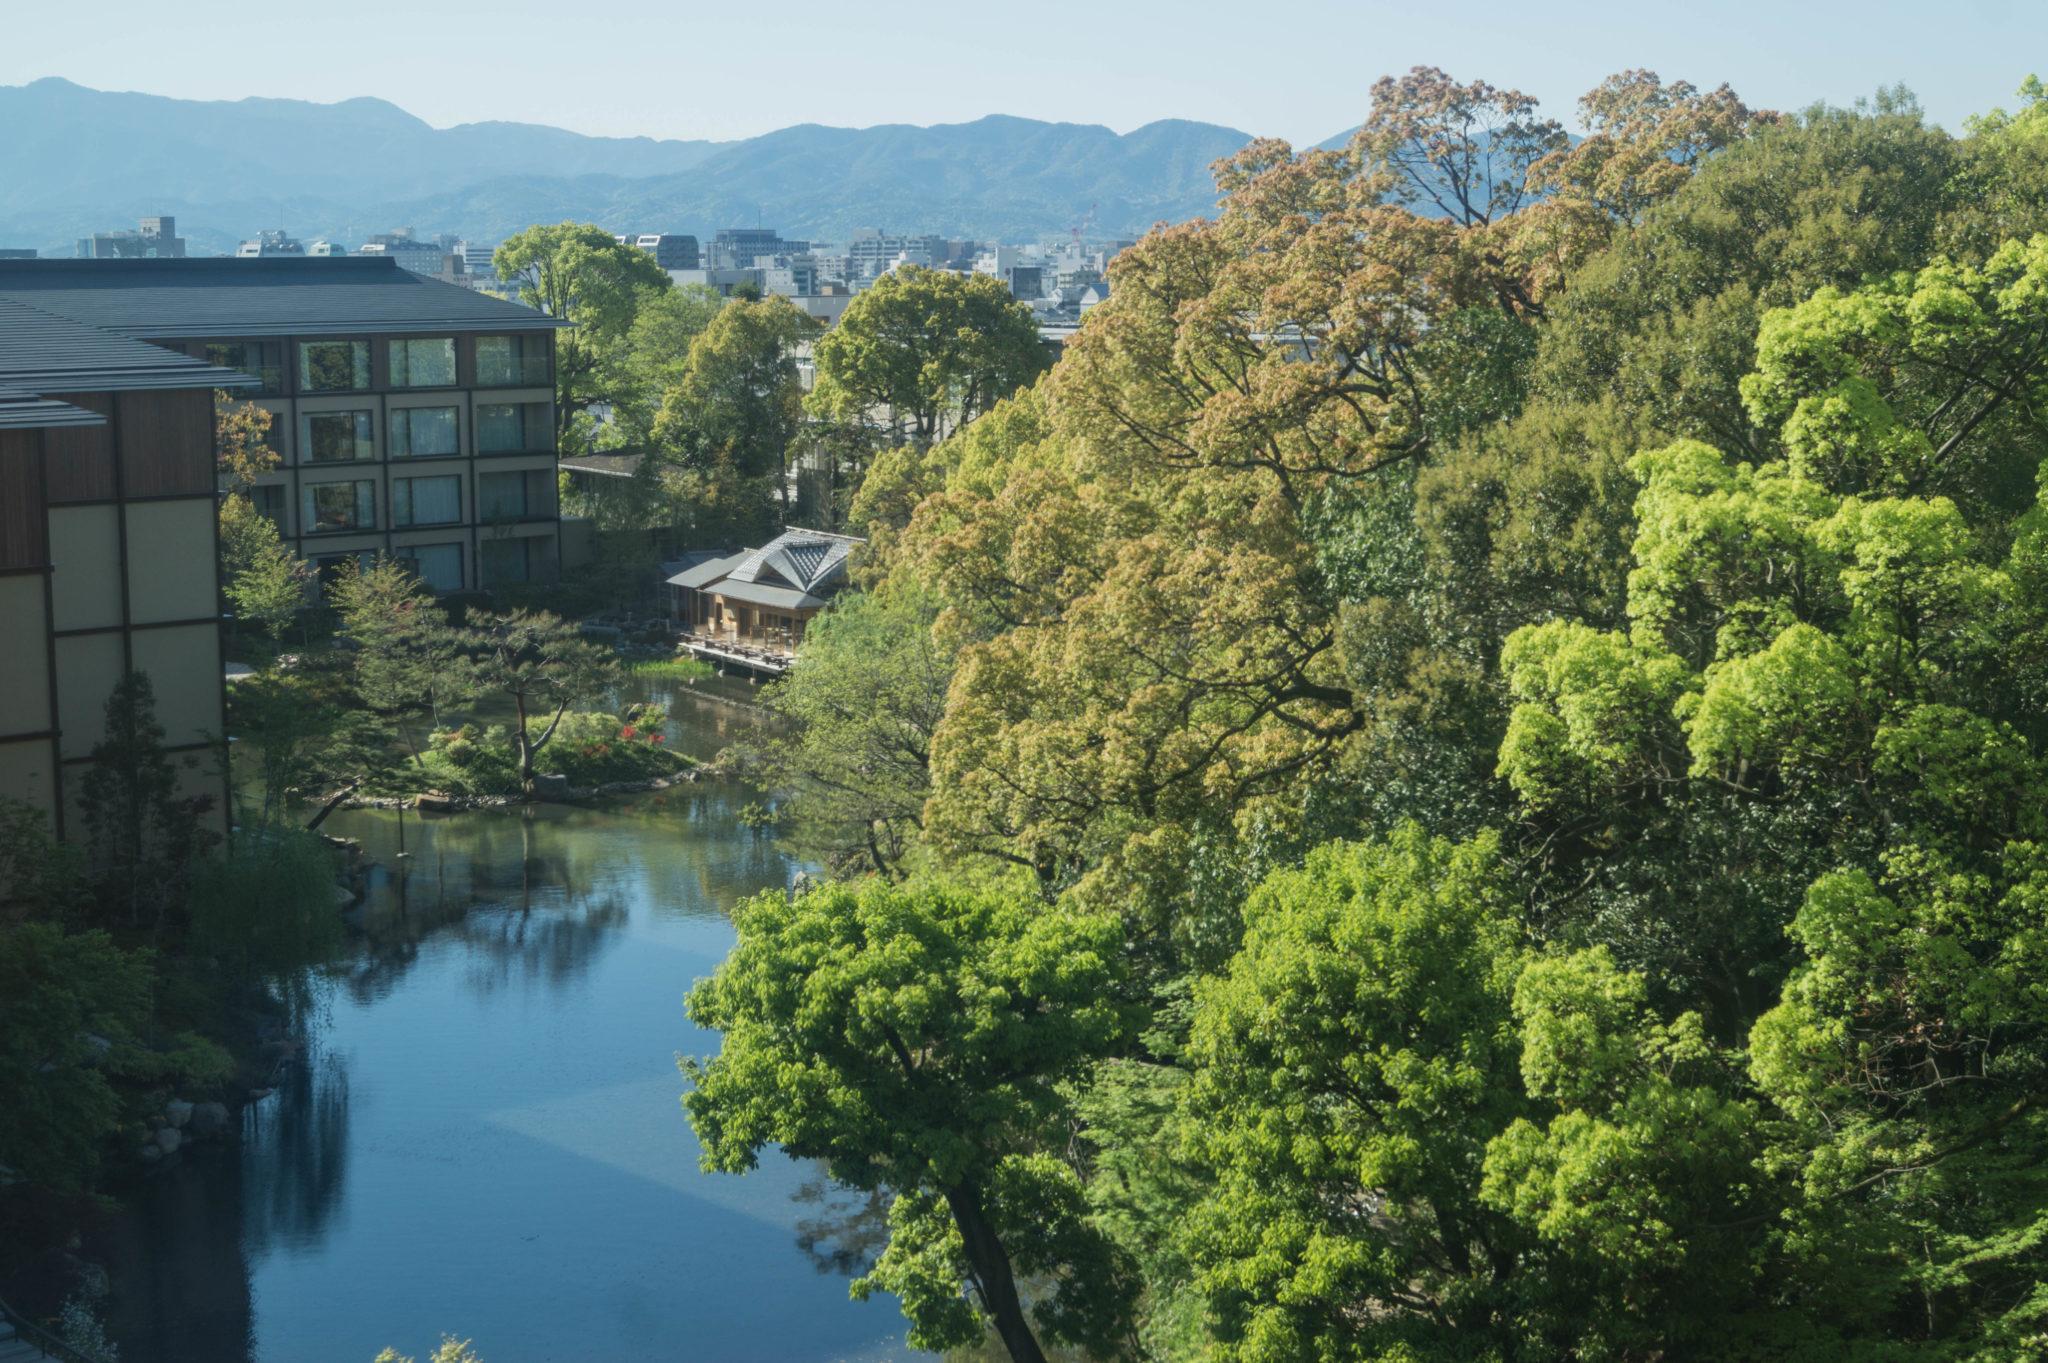 Das Four Seasons Hotel in Kyoto ist eine der nobleren Adressen in Kyoto.